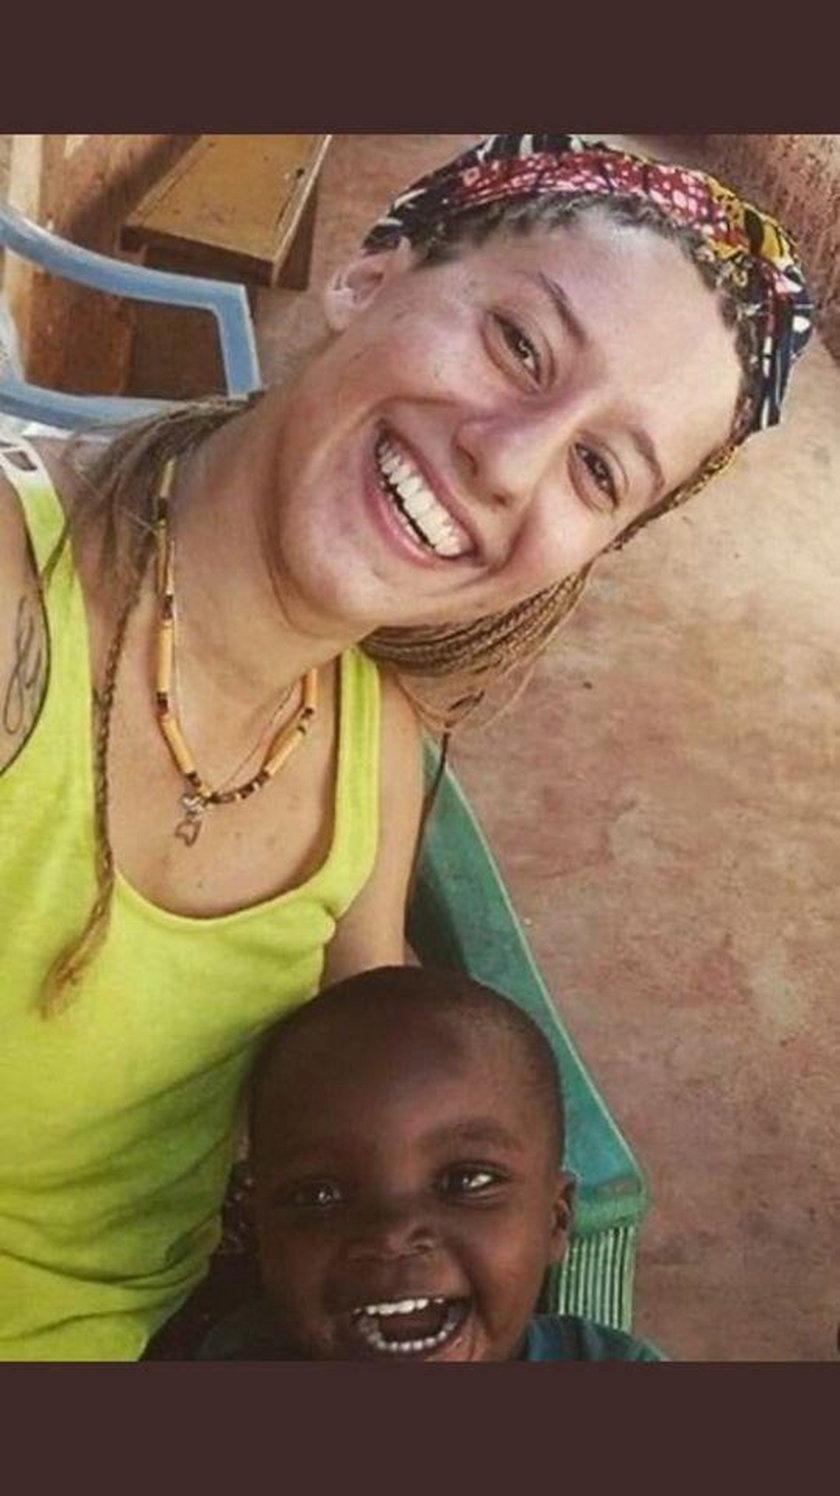 Uwolniono porwaną wolontariuszkę. Bandyci więzili ją niemal dwa lata